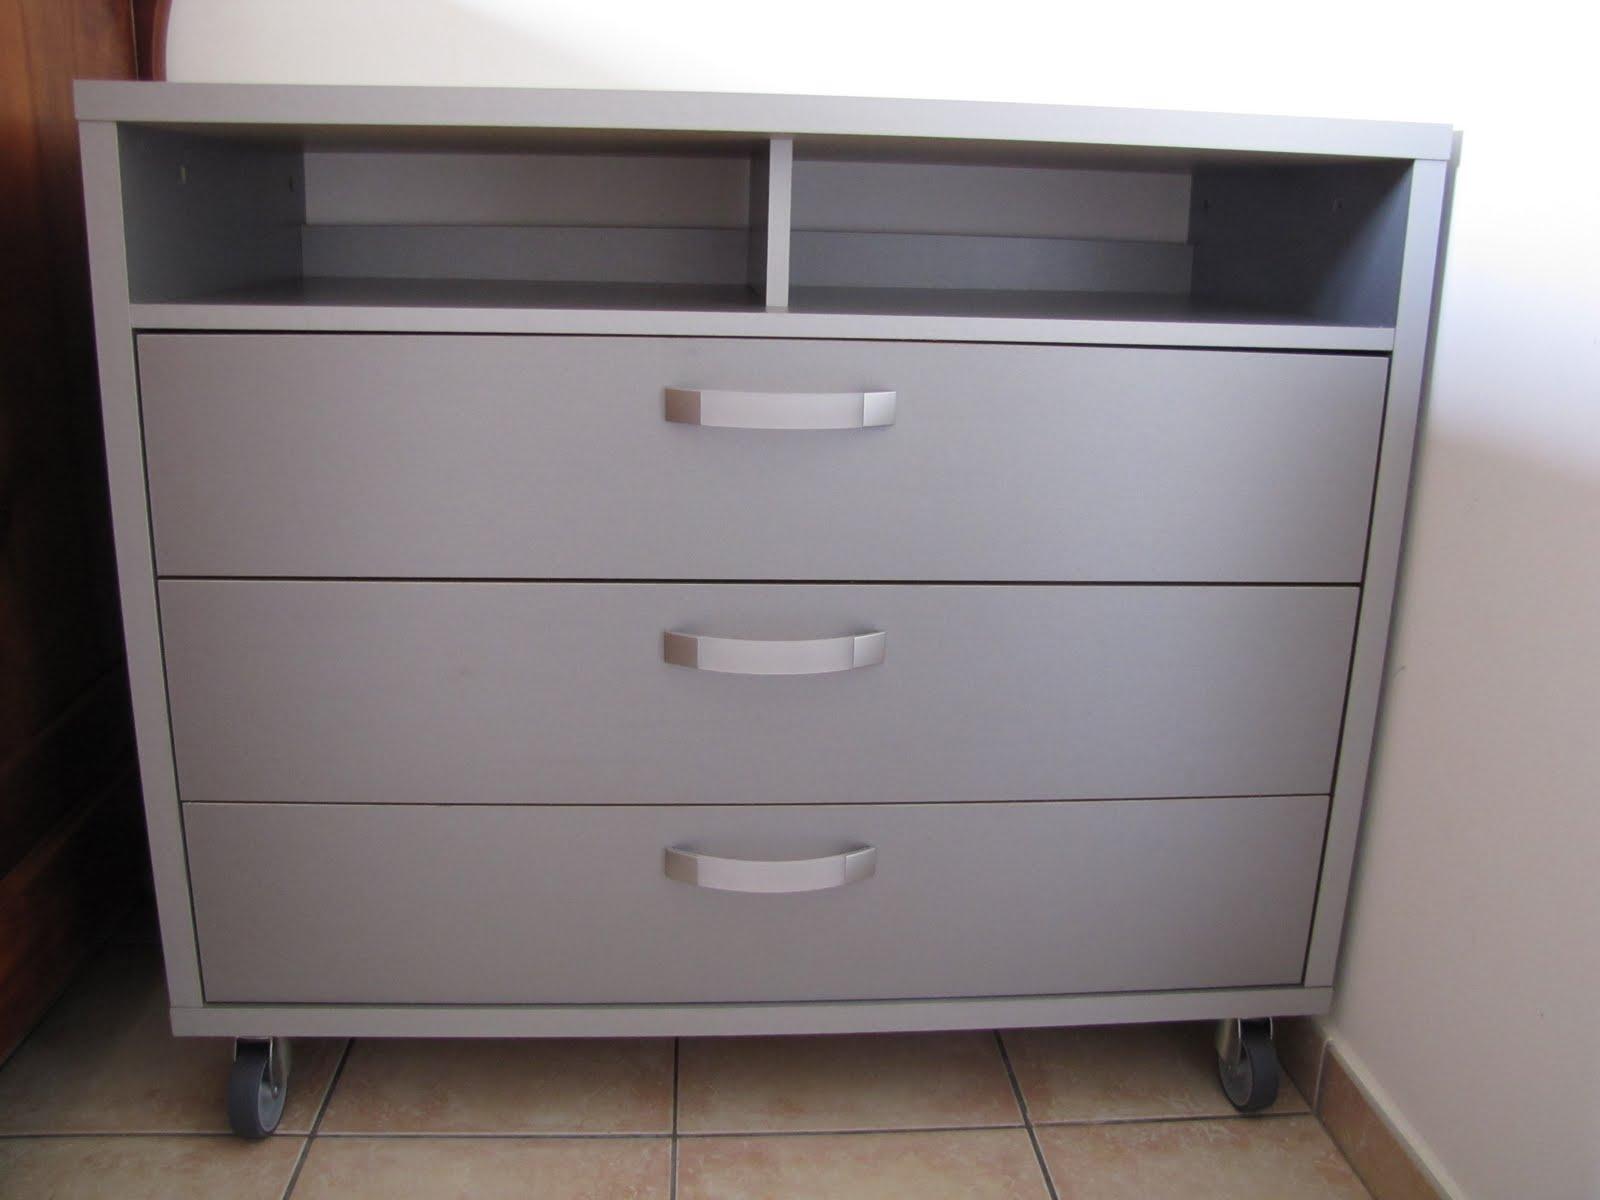 vends tout ou presque commode grise et ou commode blanche. Black Bedroom Furniture Sets. Home Design Ideas